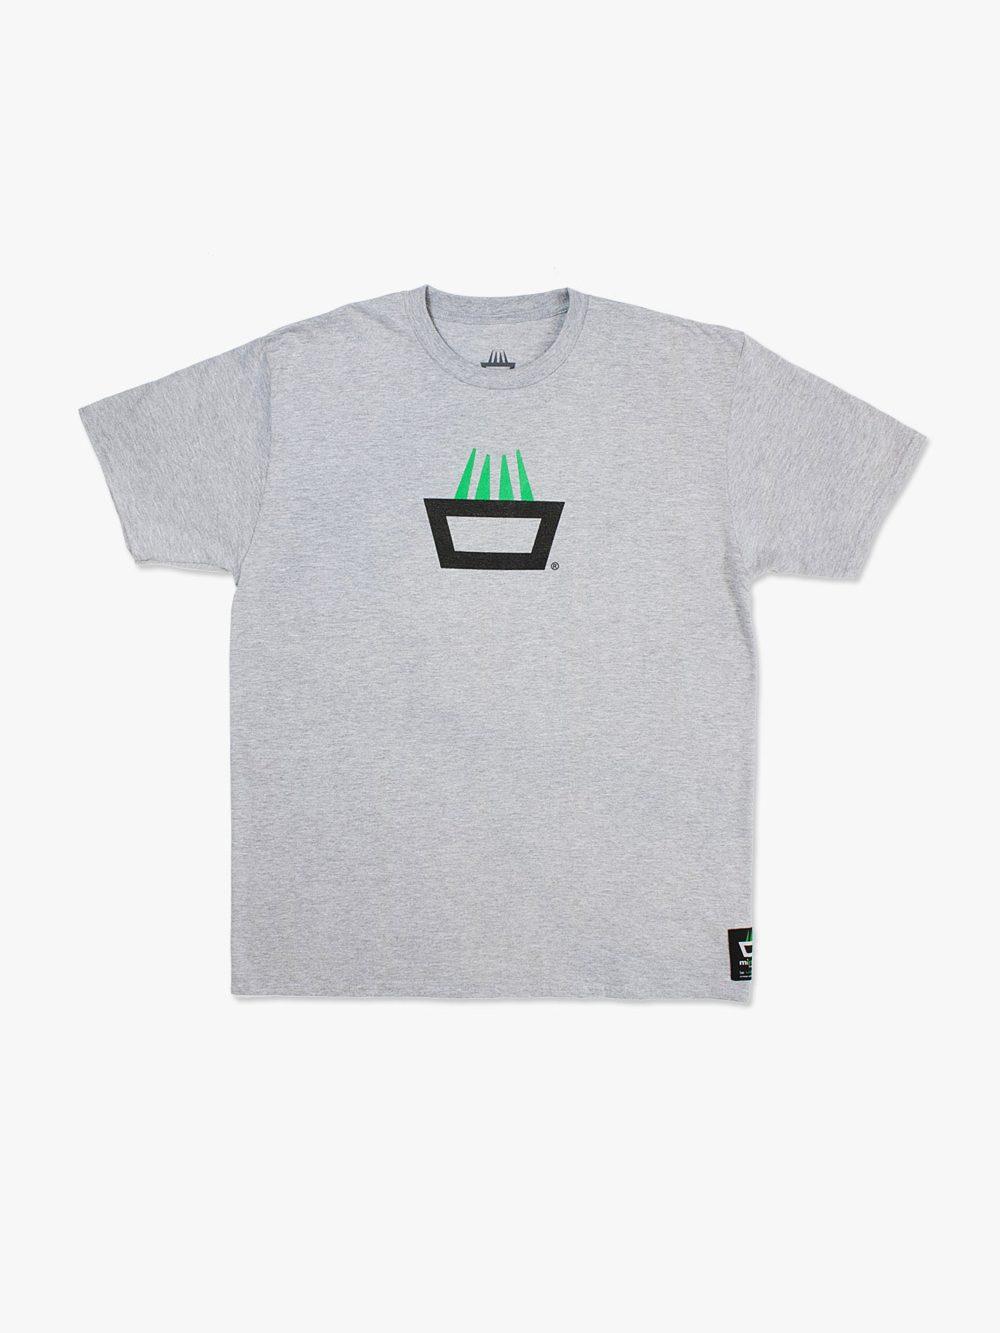 Camiseta mimaría hempworks color gris logo original